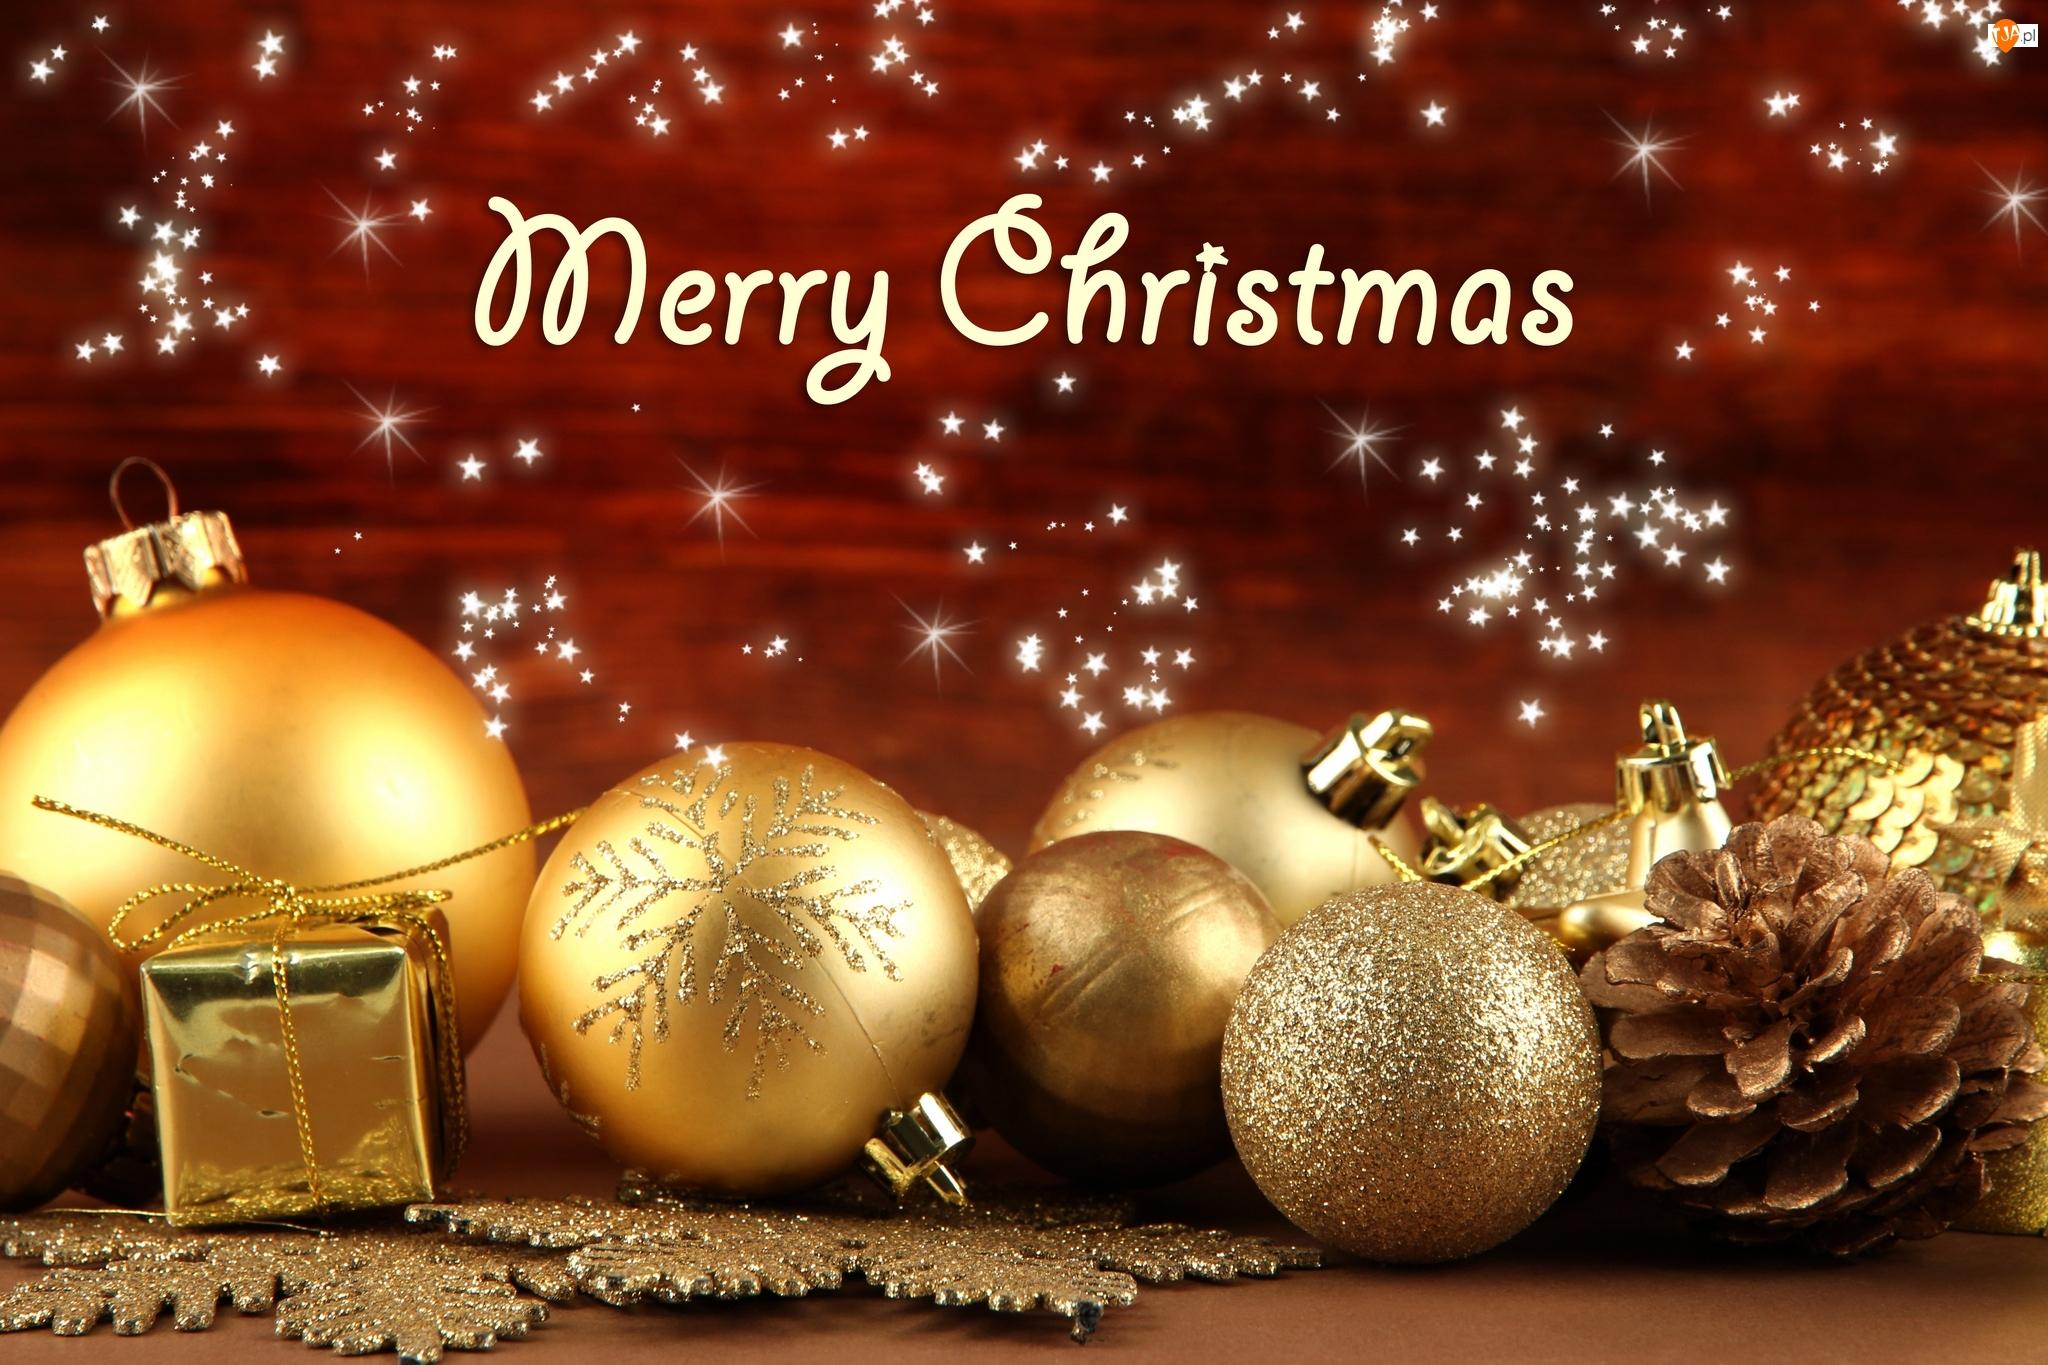 Boże Narodzenie, Kompozycja, Bombki, Merry Christmas, Świąteczne, Życzenia